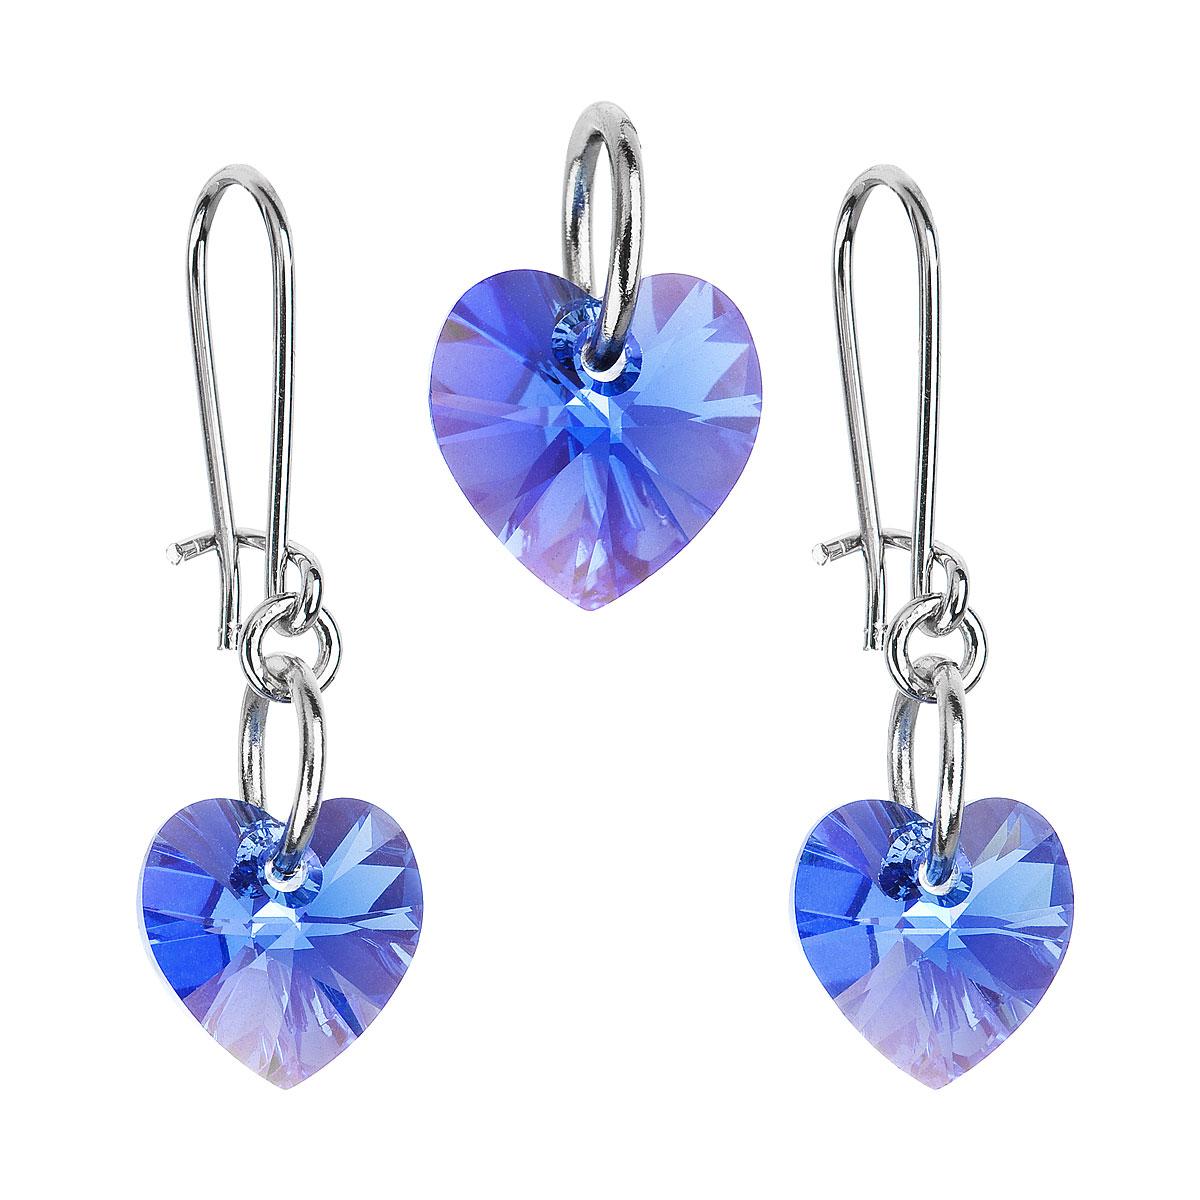 Souprava bižuterie se Swarovski krystaly modré srdce 56014.3